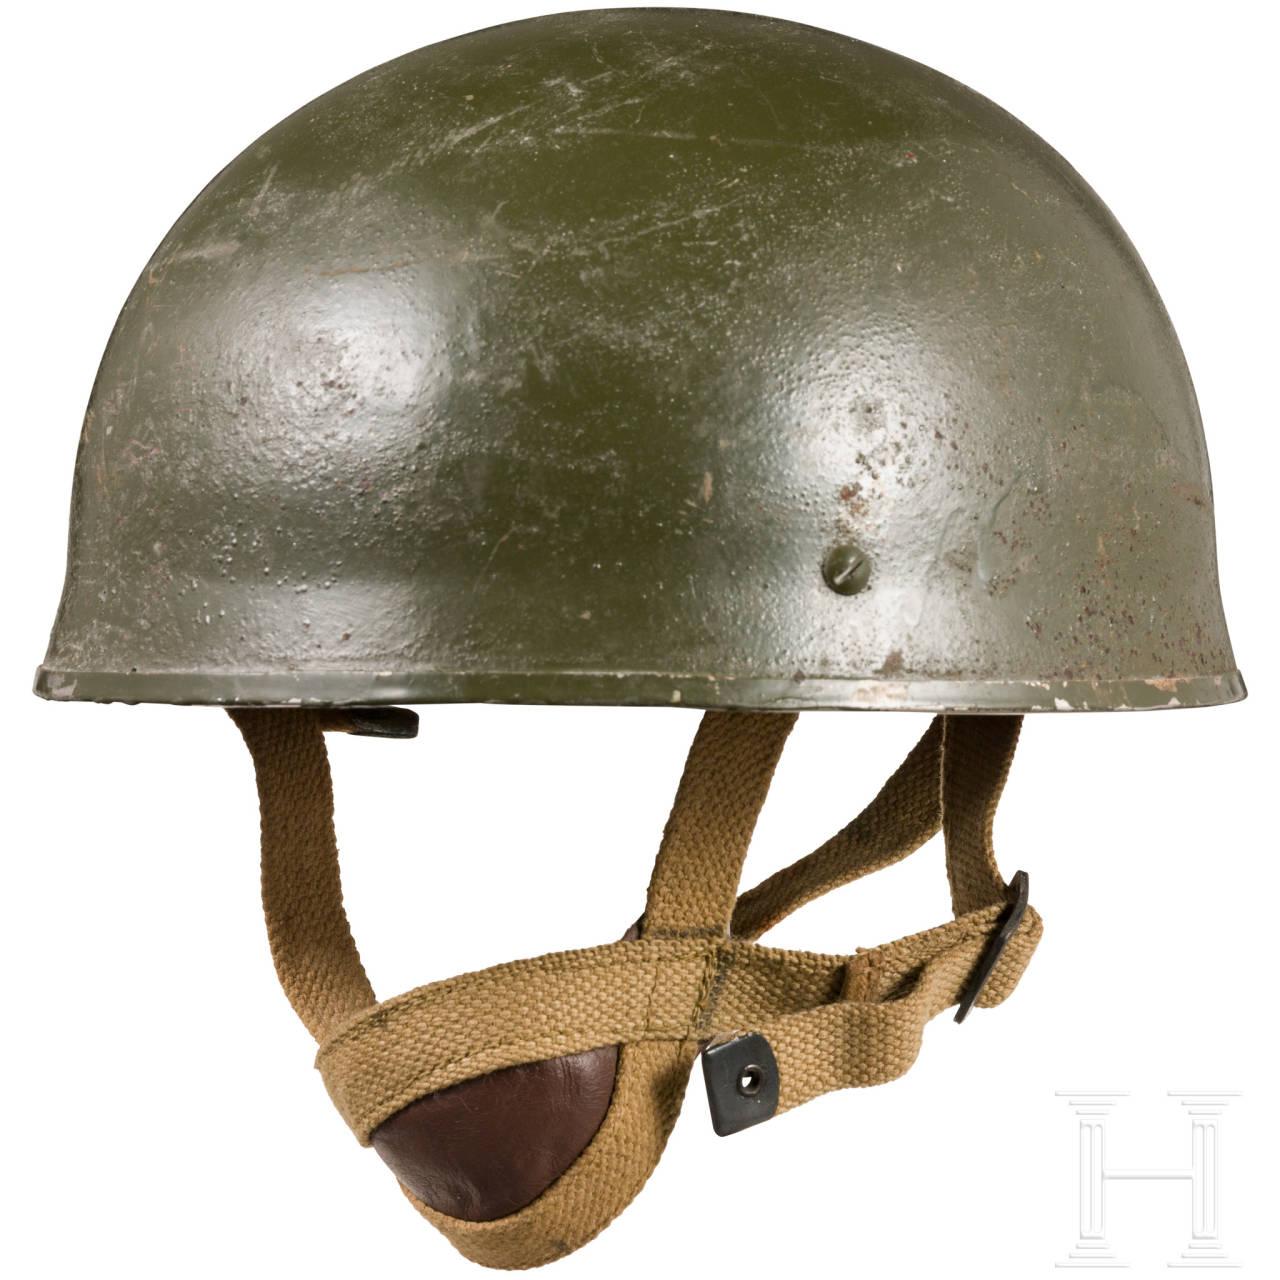 Steel helmet for paratroopers in World War II